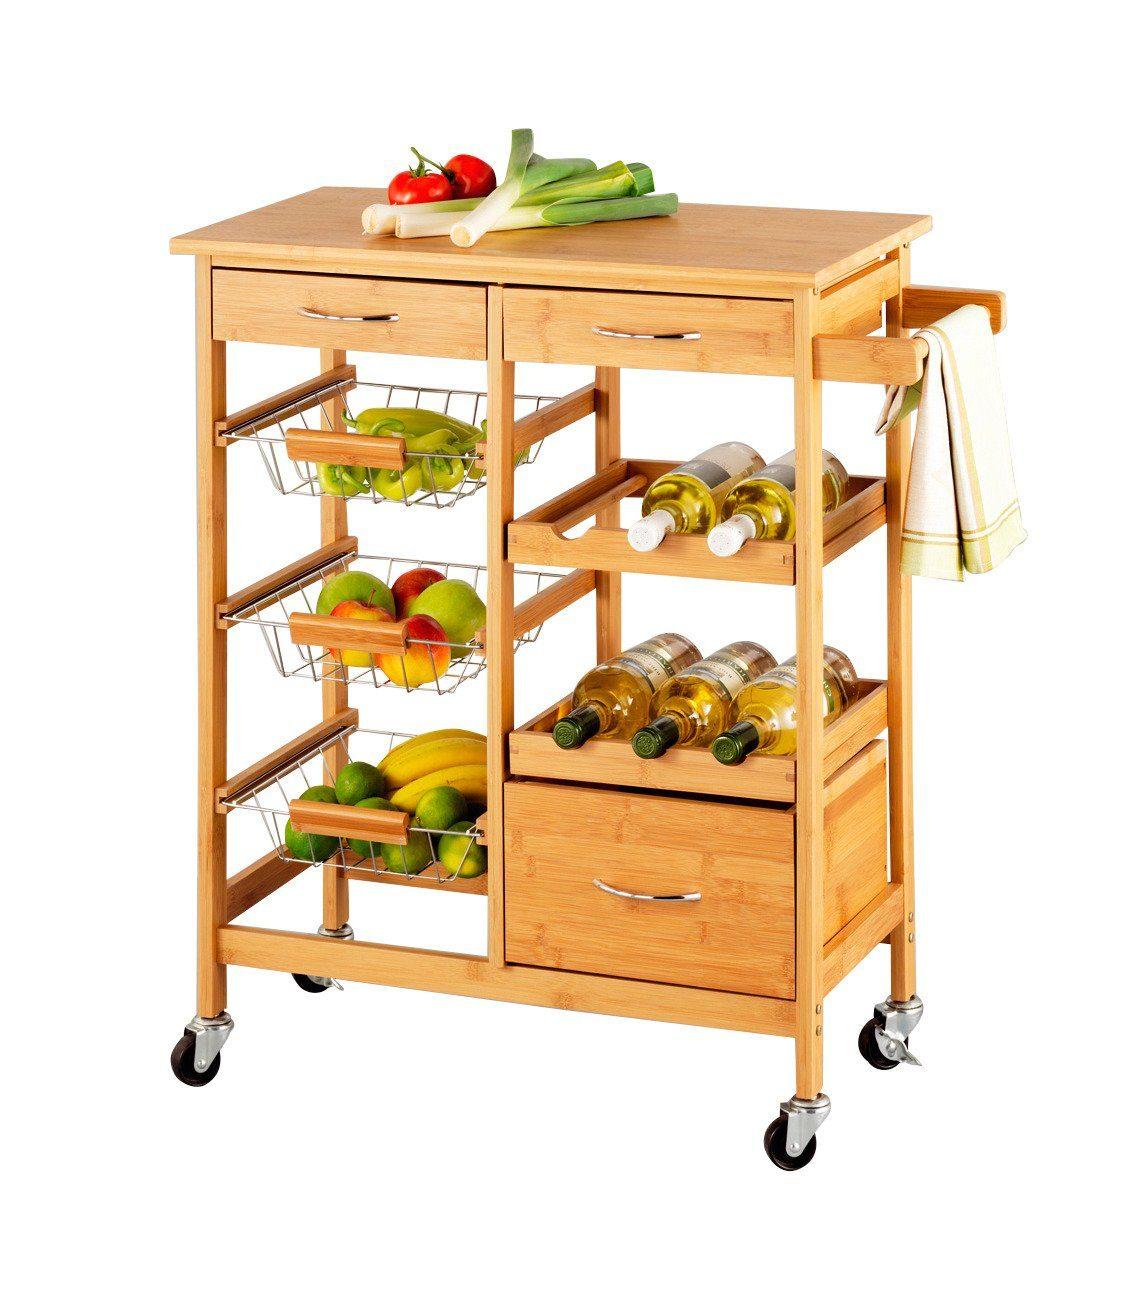 Küchenrollwagen Hochwertig ~ zeller rollwagen bamboo , 66x38x84 cm kaufen otto